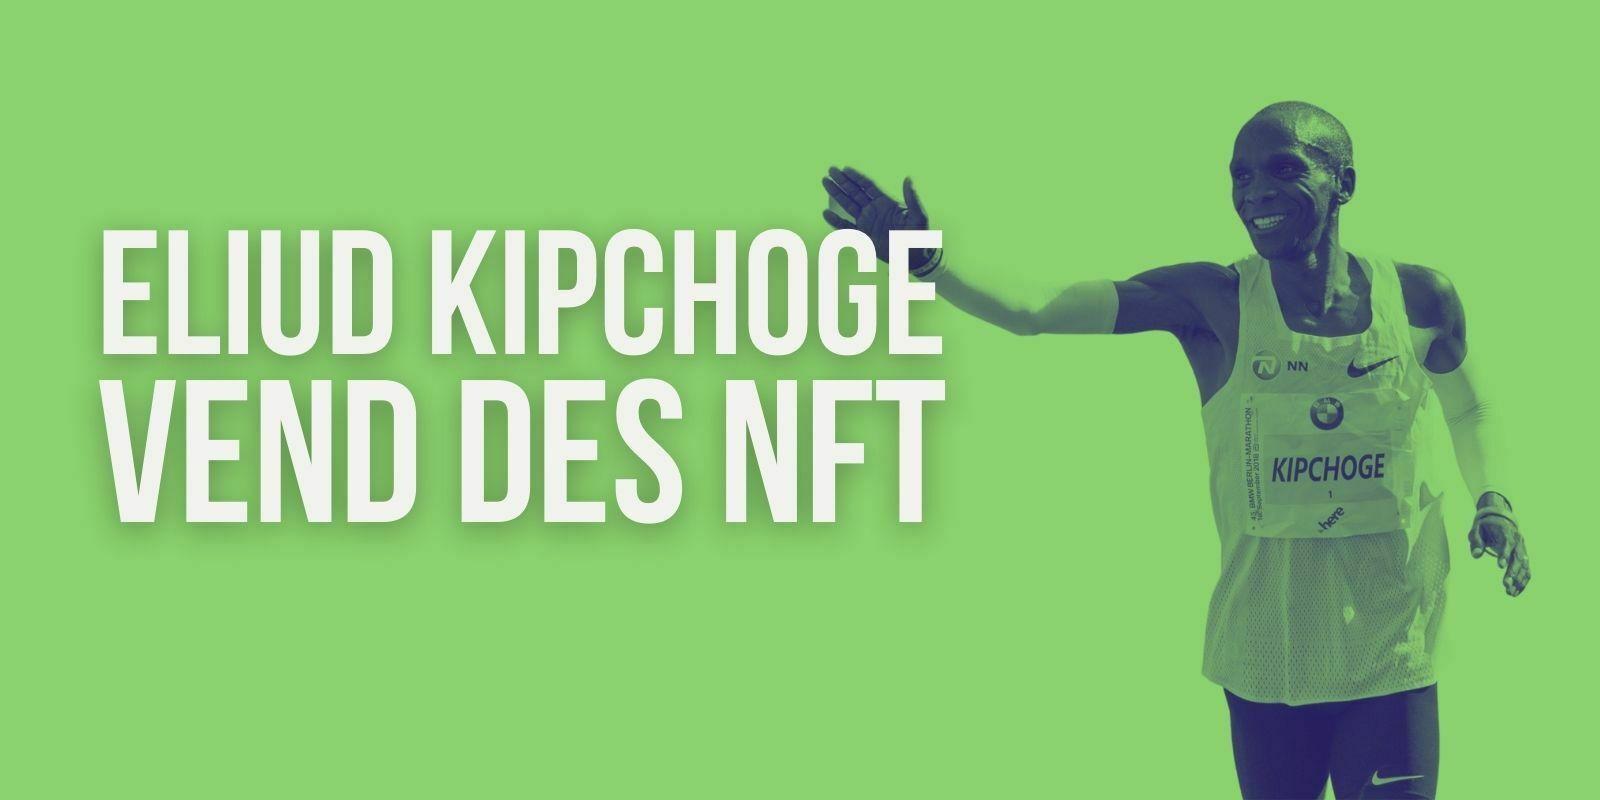 Le champion olympique Eliud Kipchoge vend pour 40 000 dollars de NFT